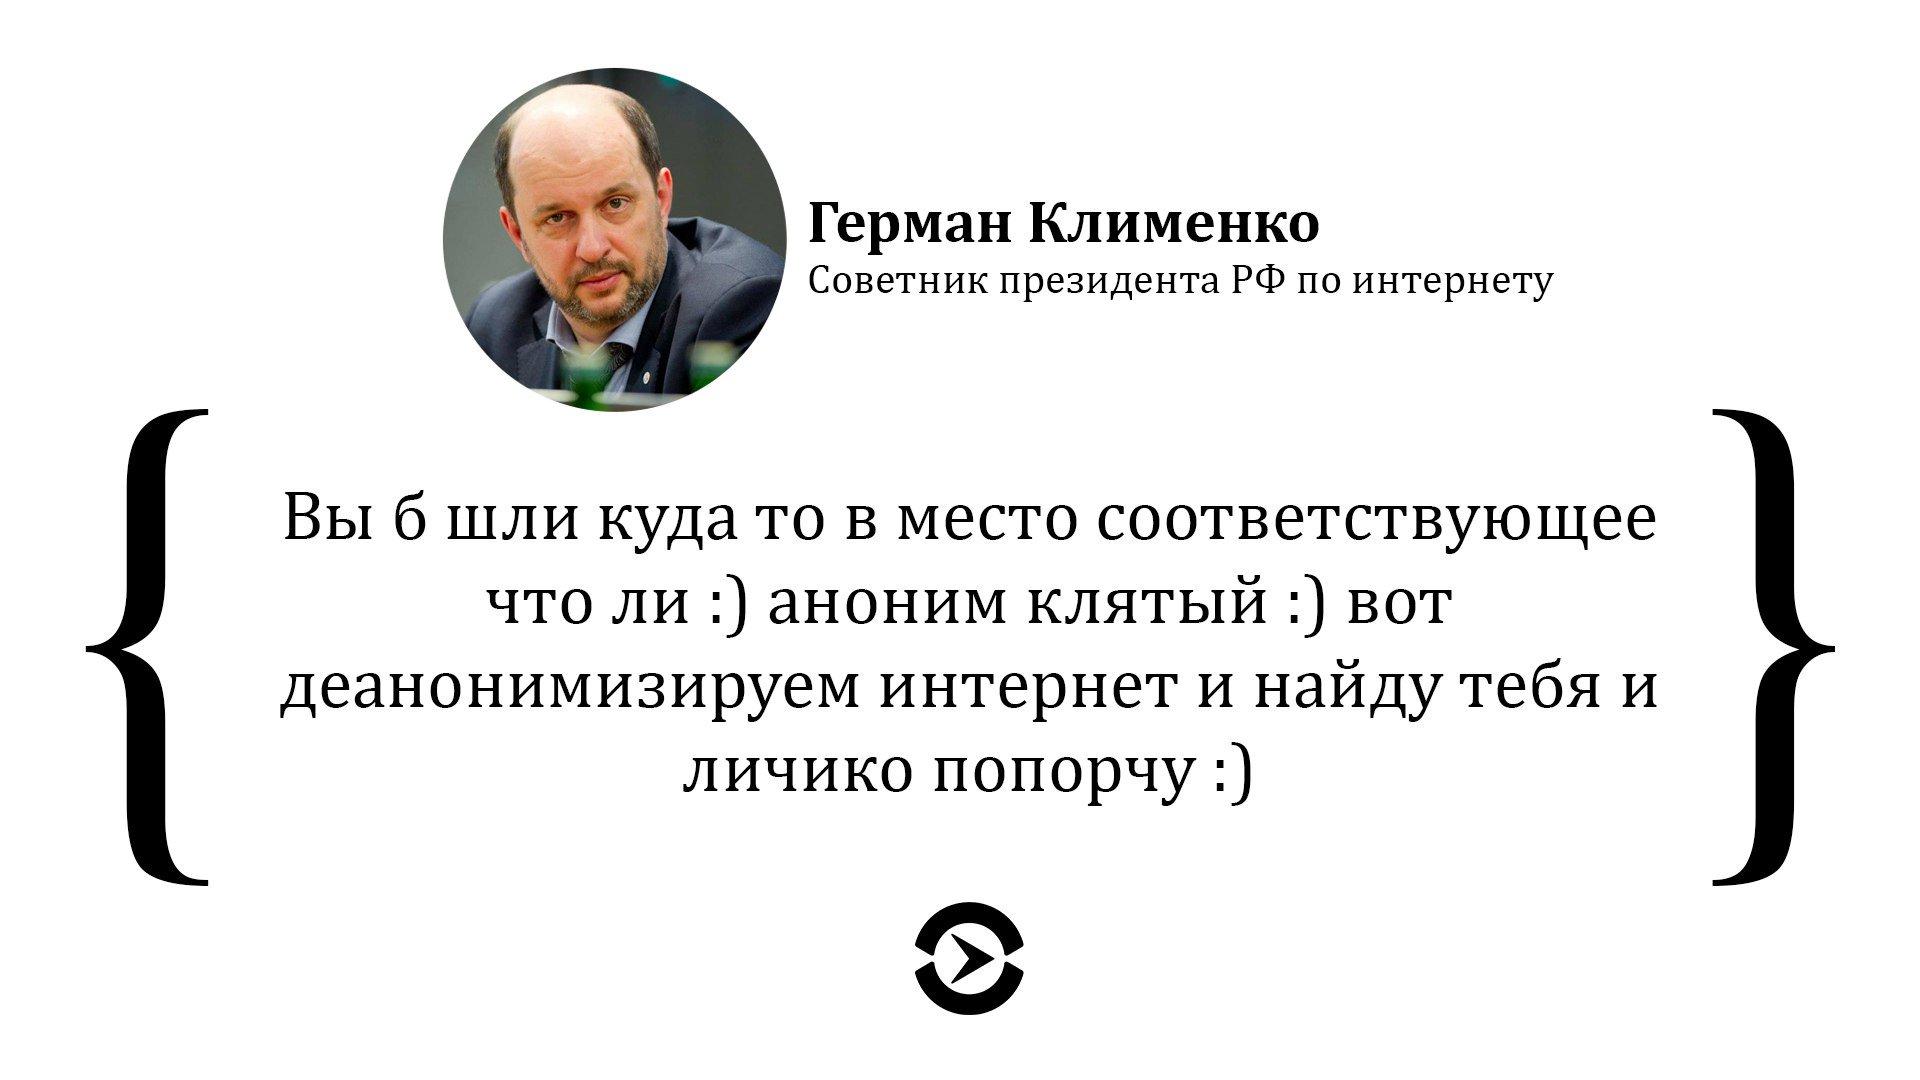 Освобожденную сегодня на Луганщине Сурженко террористы пытали - зажимали пальцы плоскогубцами, она несколько дней была в кандалах, - Ирина Геращенко - Цензор.НЕТ 4693